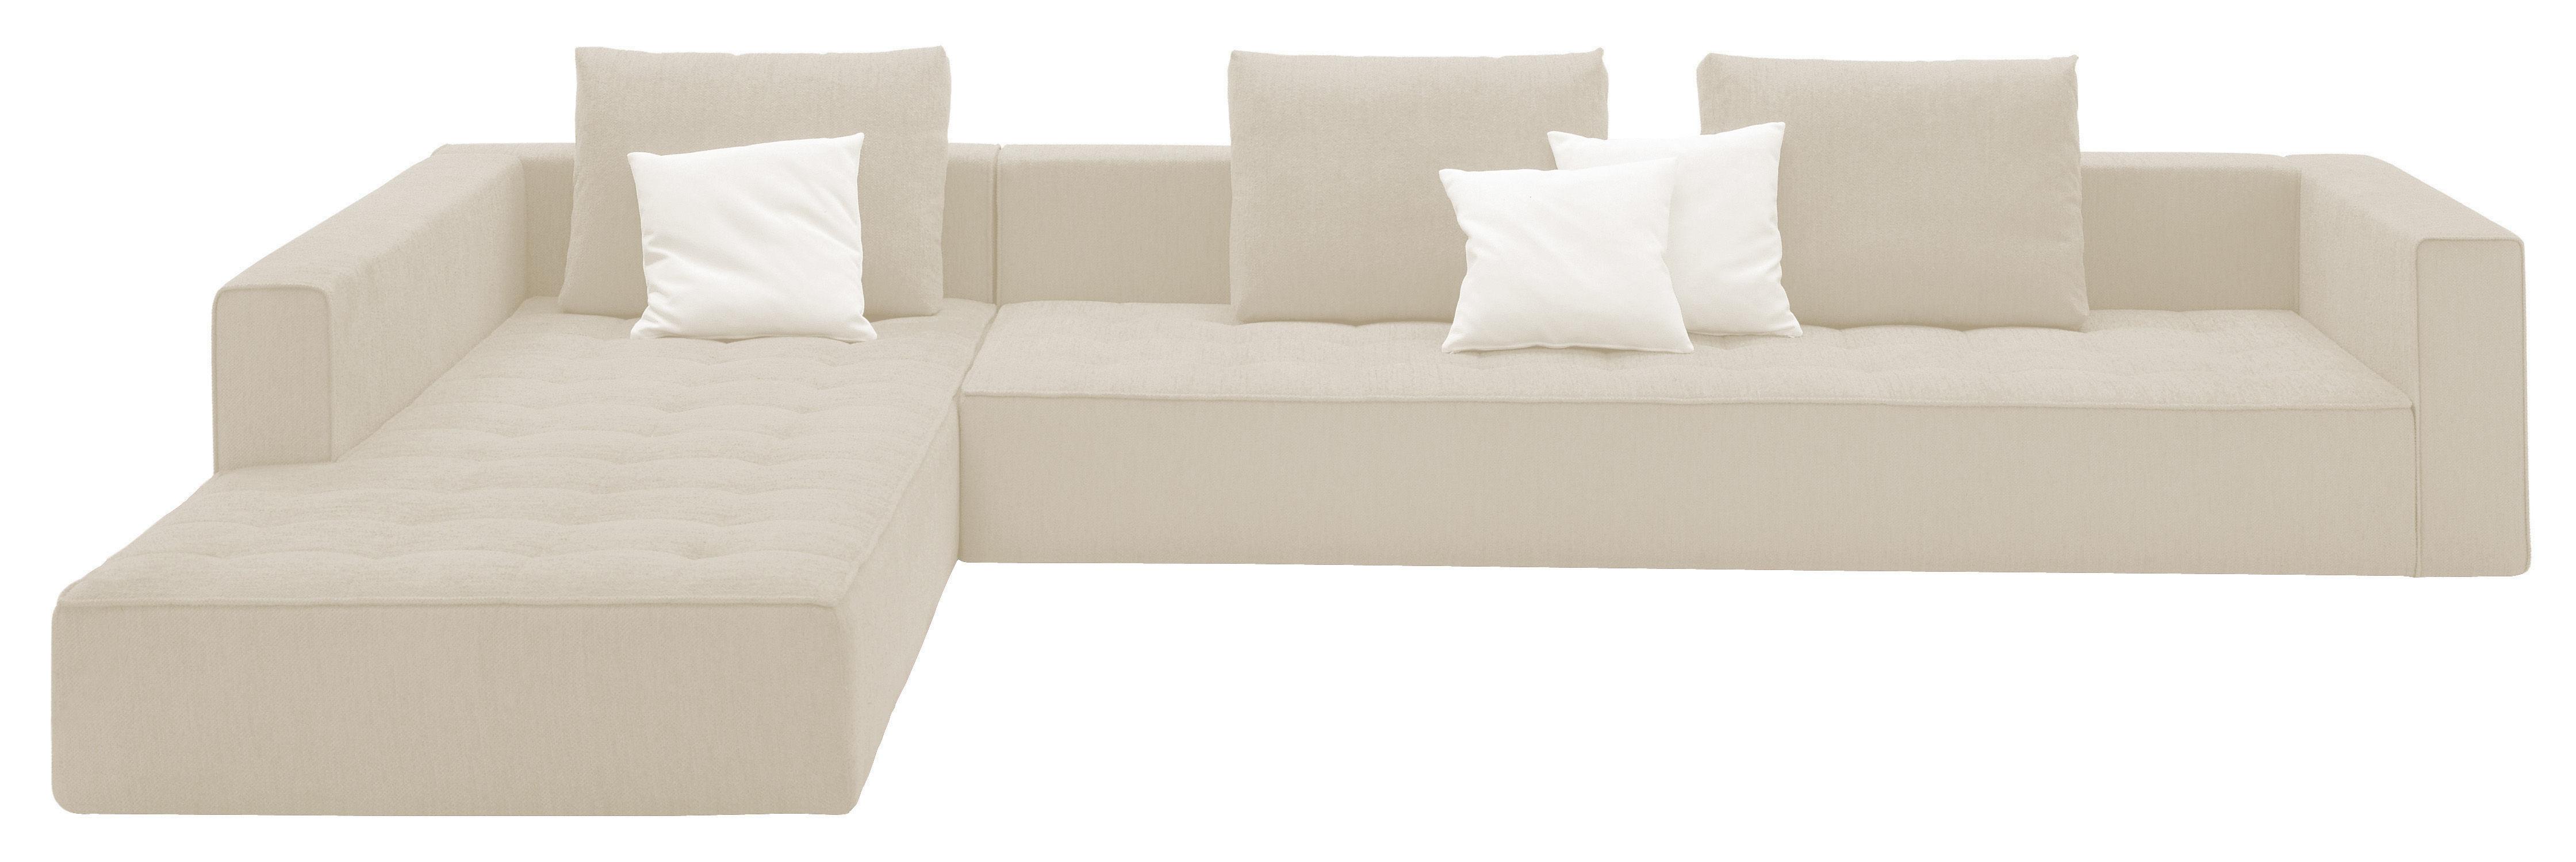 Kilt Stoff   Zanotta   Sofa